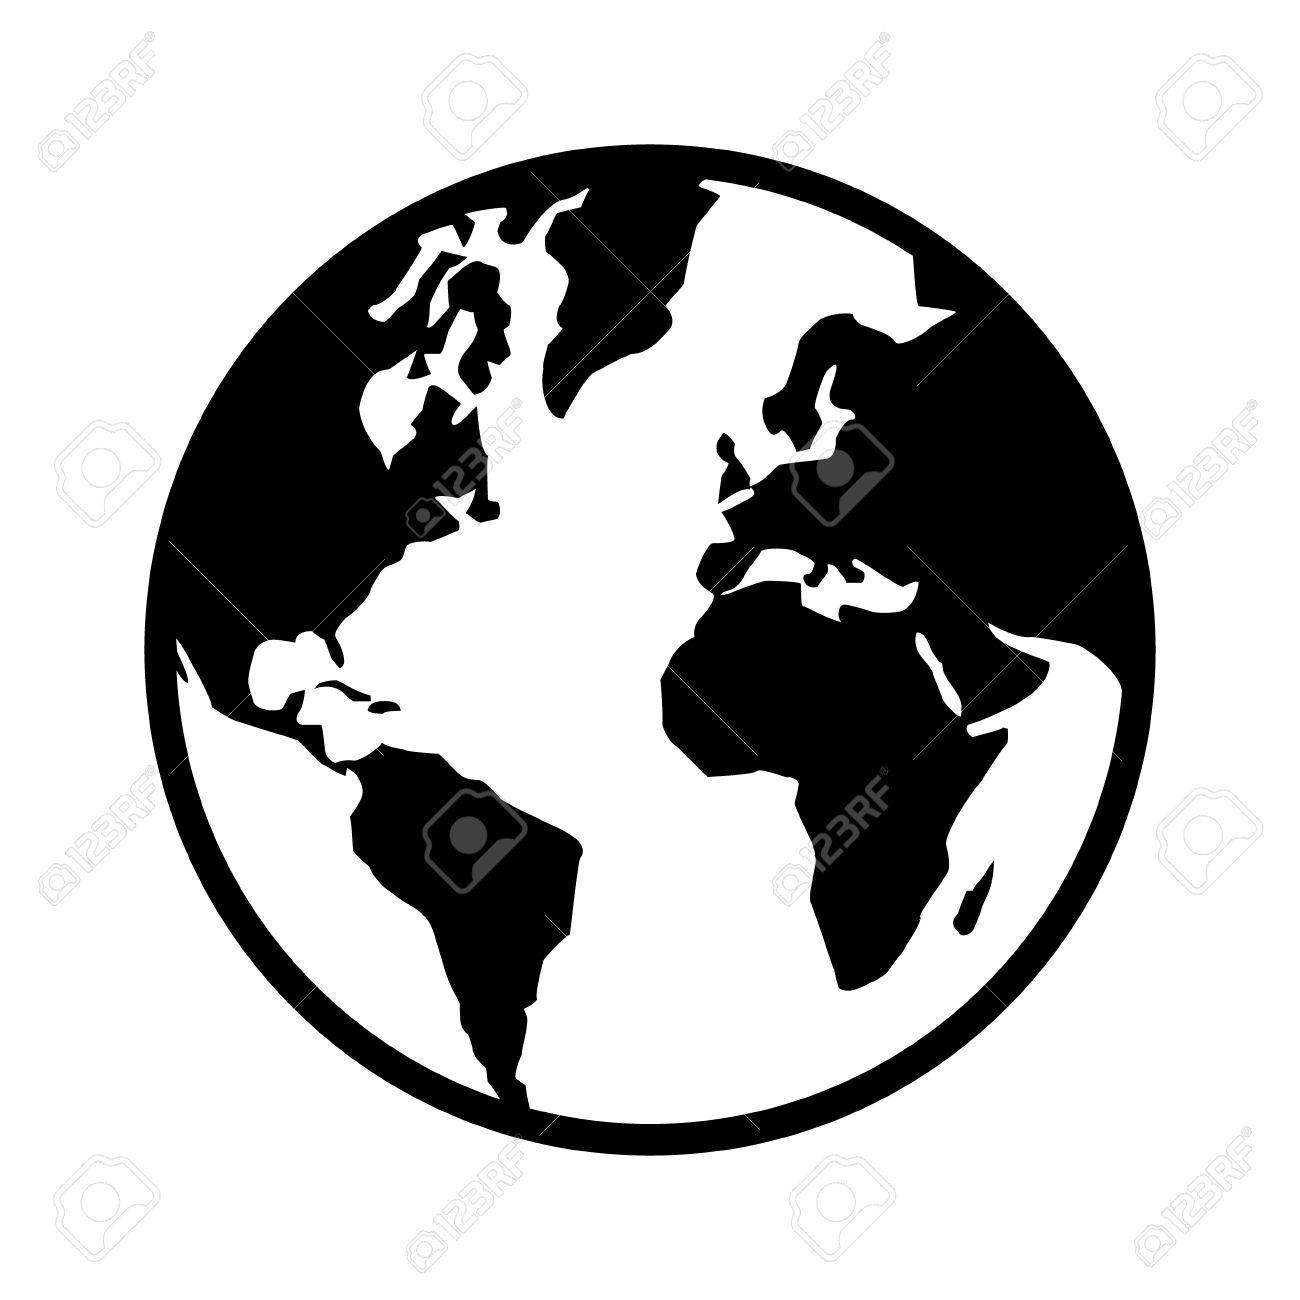 1300x1300 Free Globe Vector Icon 357777 Download Globe Vector Icon